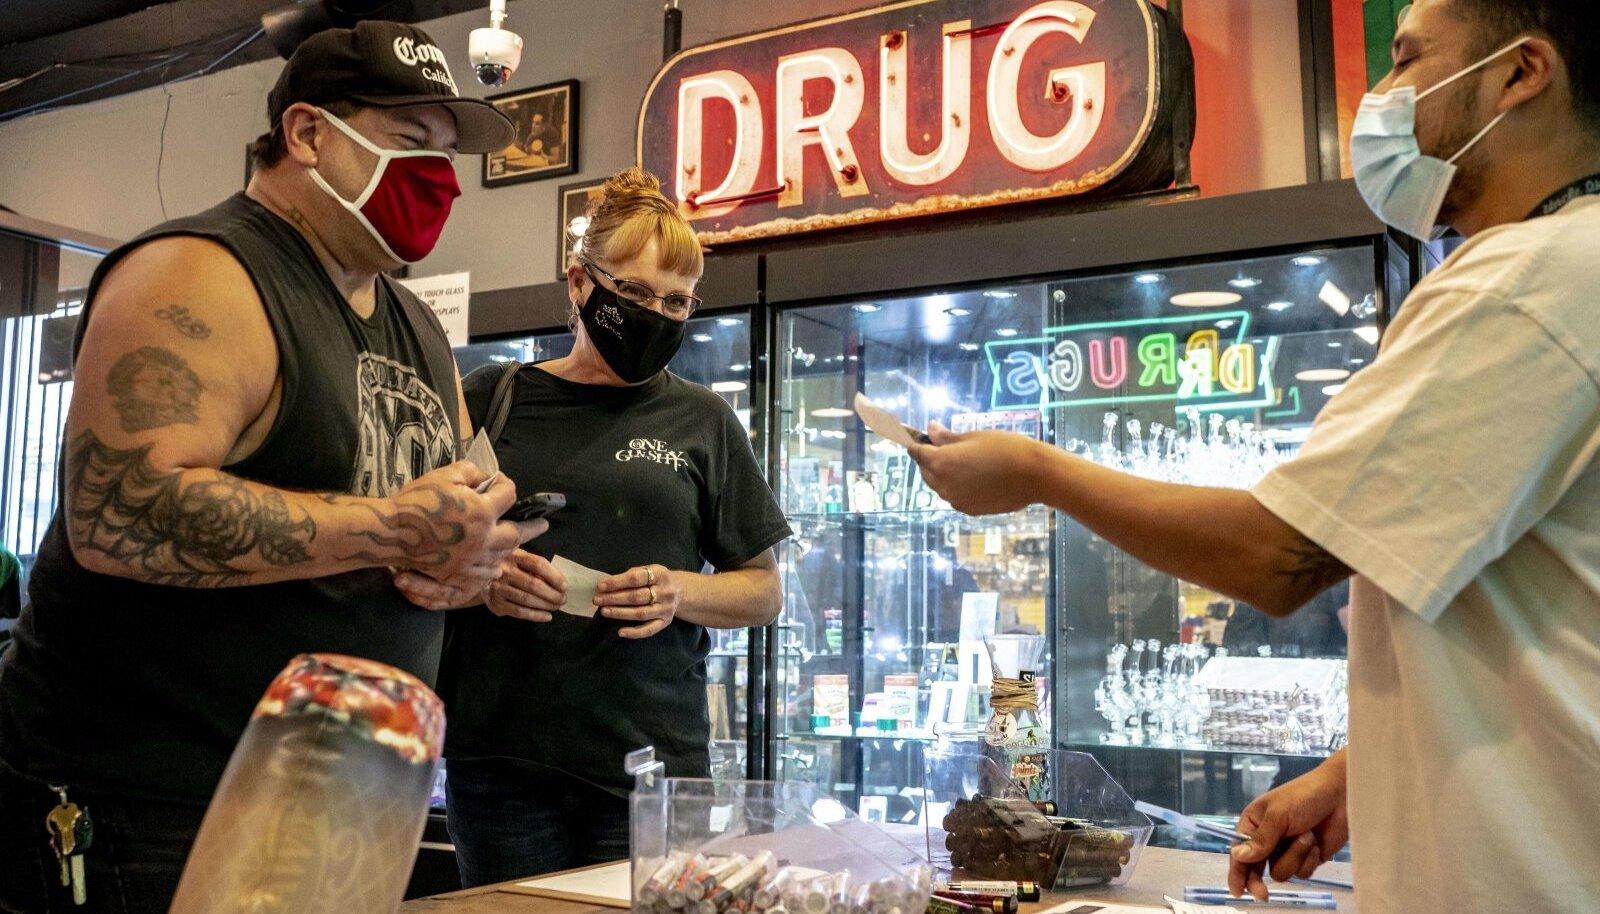 JOINT SUTSU EEST: Mike Faris and Linda Meyers saavad Seattle'i kanepipoest tasuta savu, mille andis neile koroonaviiruse vastu vaktsineerimise eest kliinik Joints4Jabs.